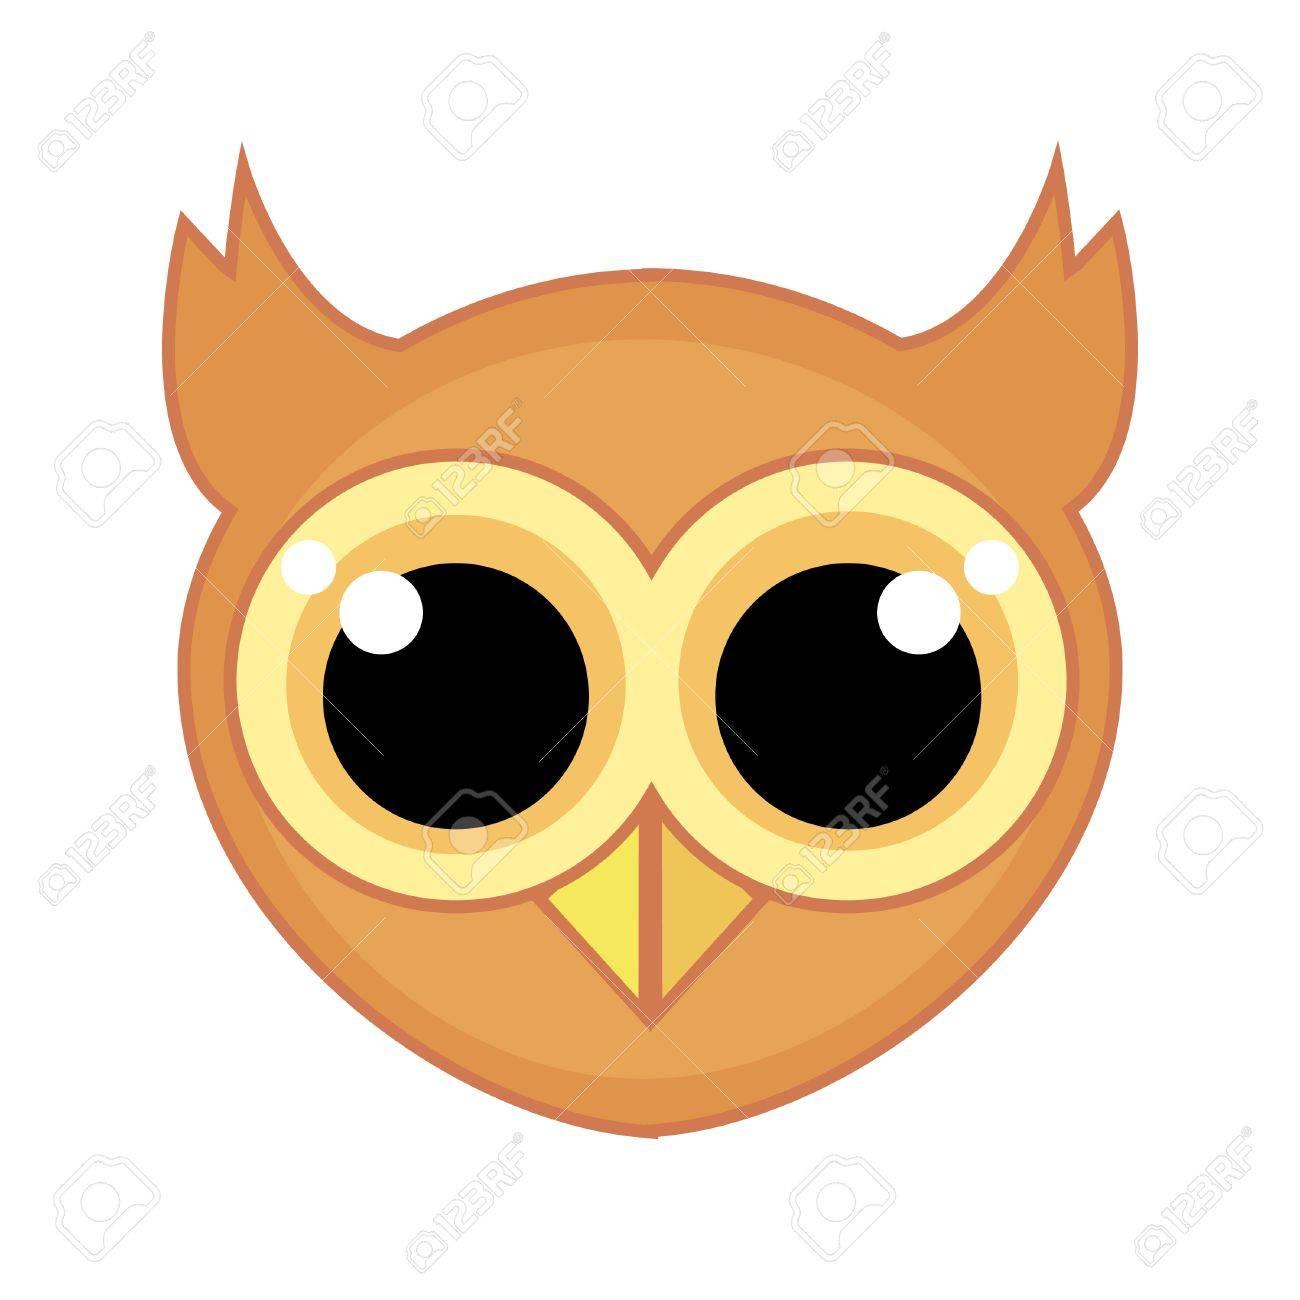 Icono De Dibujos Animados De Una Cara De Búho Con Ojos Grandes Y Amables Y Un Contorno Aislado Sobre Fondo Blanco